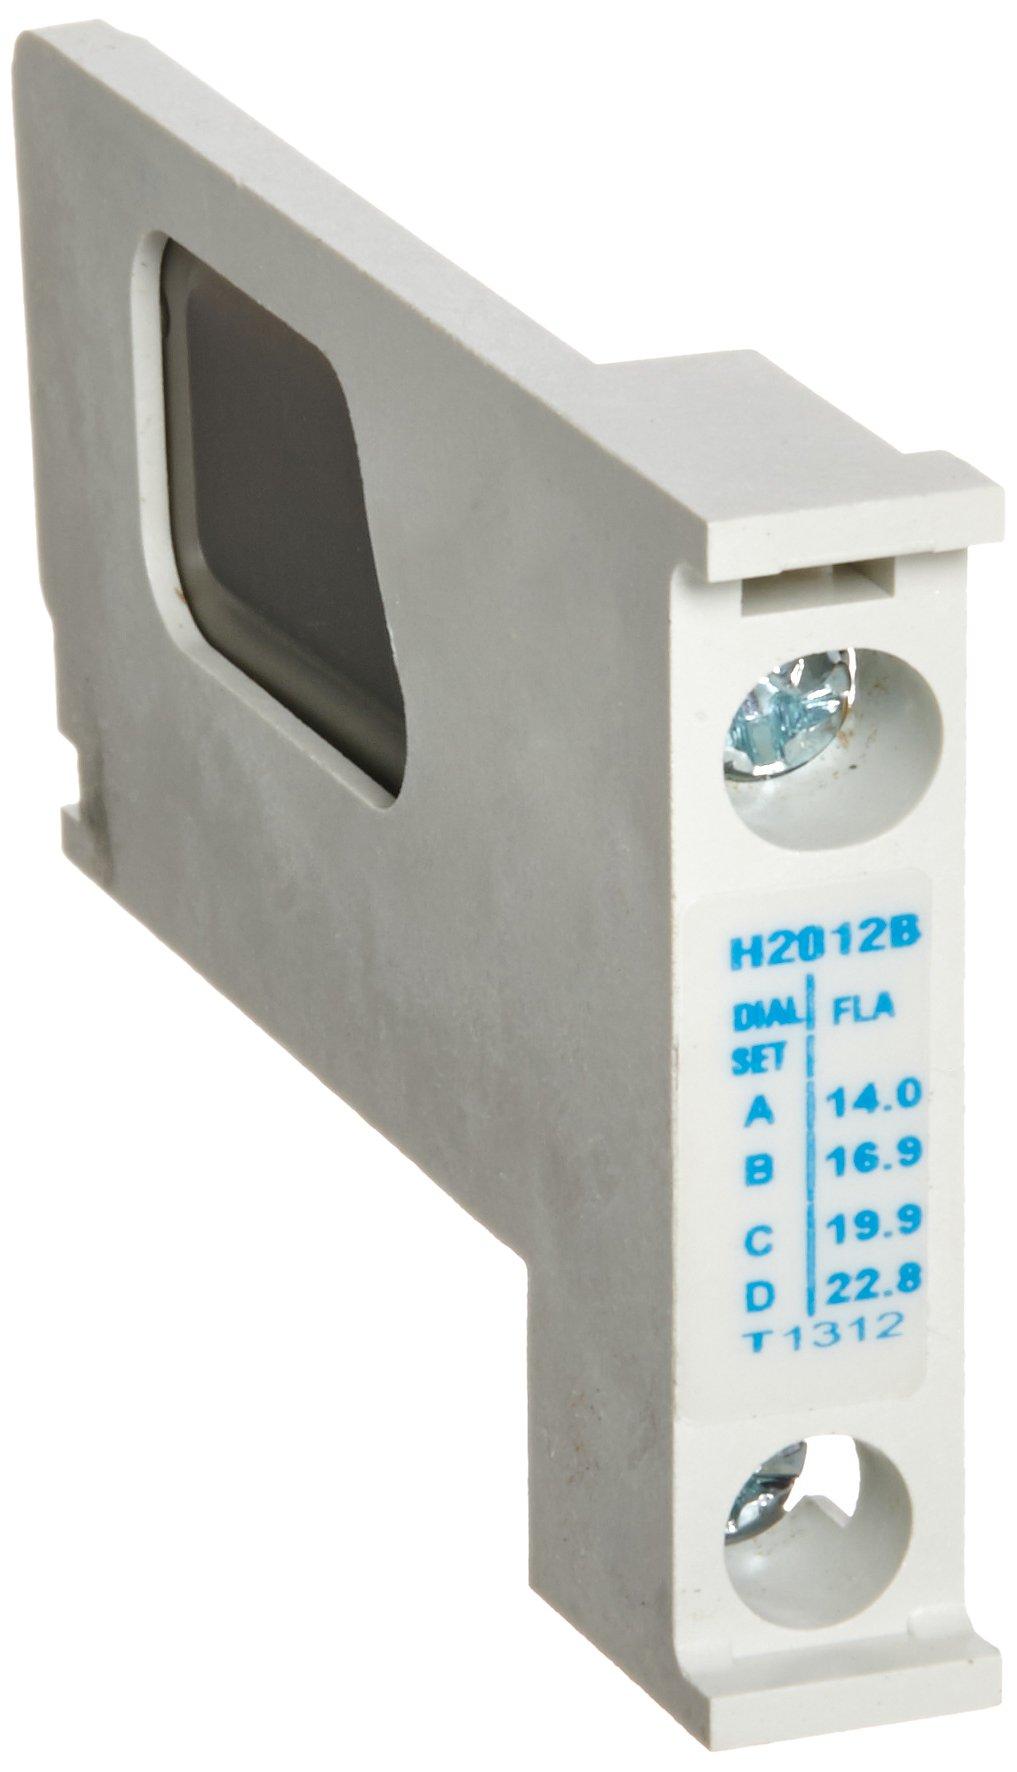 Eaton H2012B-3 Nema Starter Heater Pack, 14.0-22.8 Motor FLA (Pack of 3)